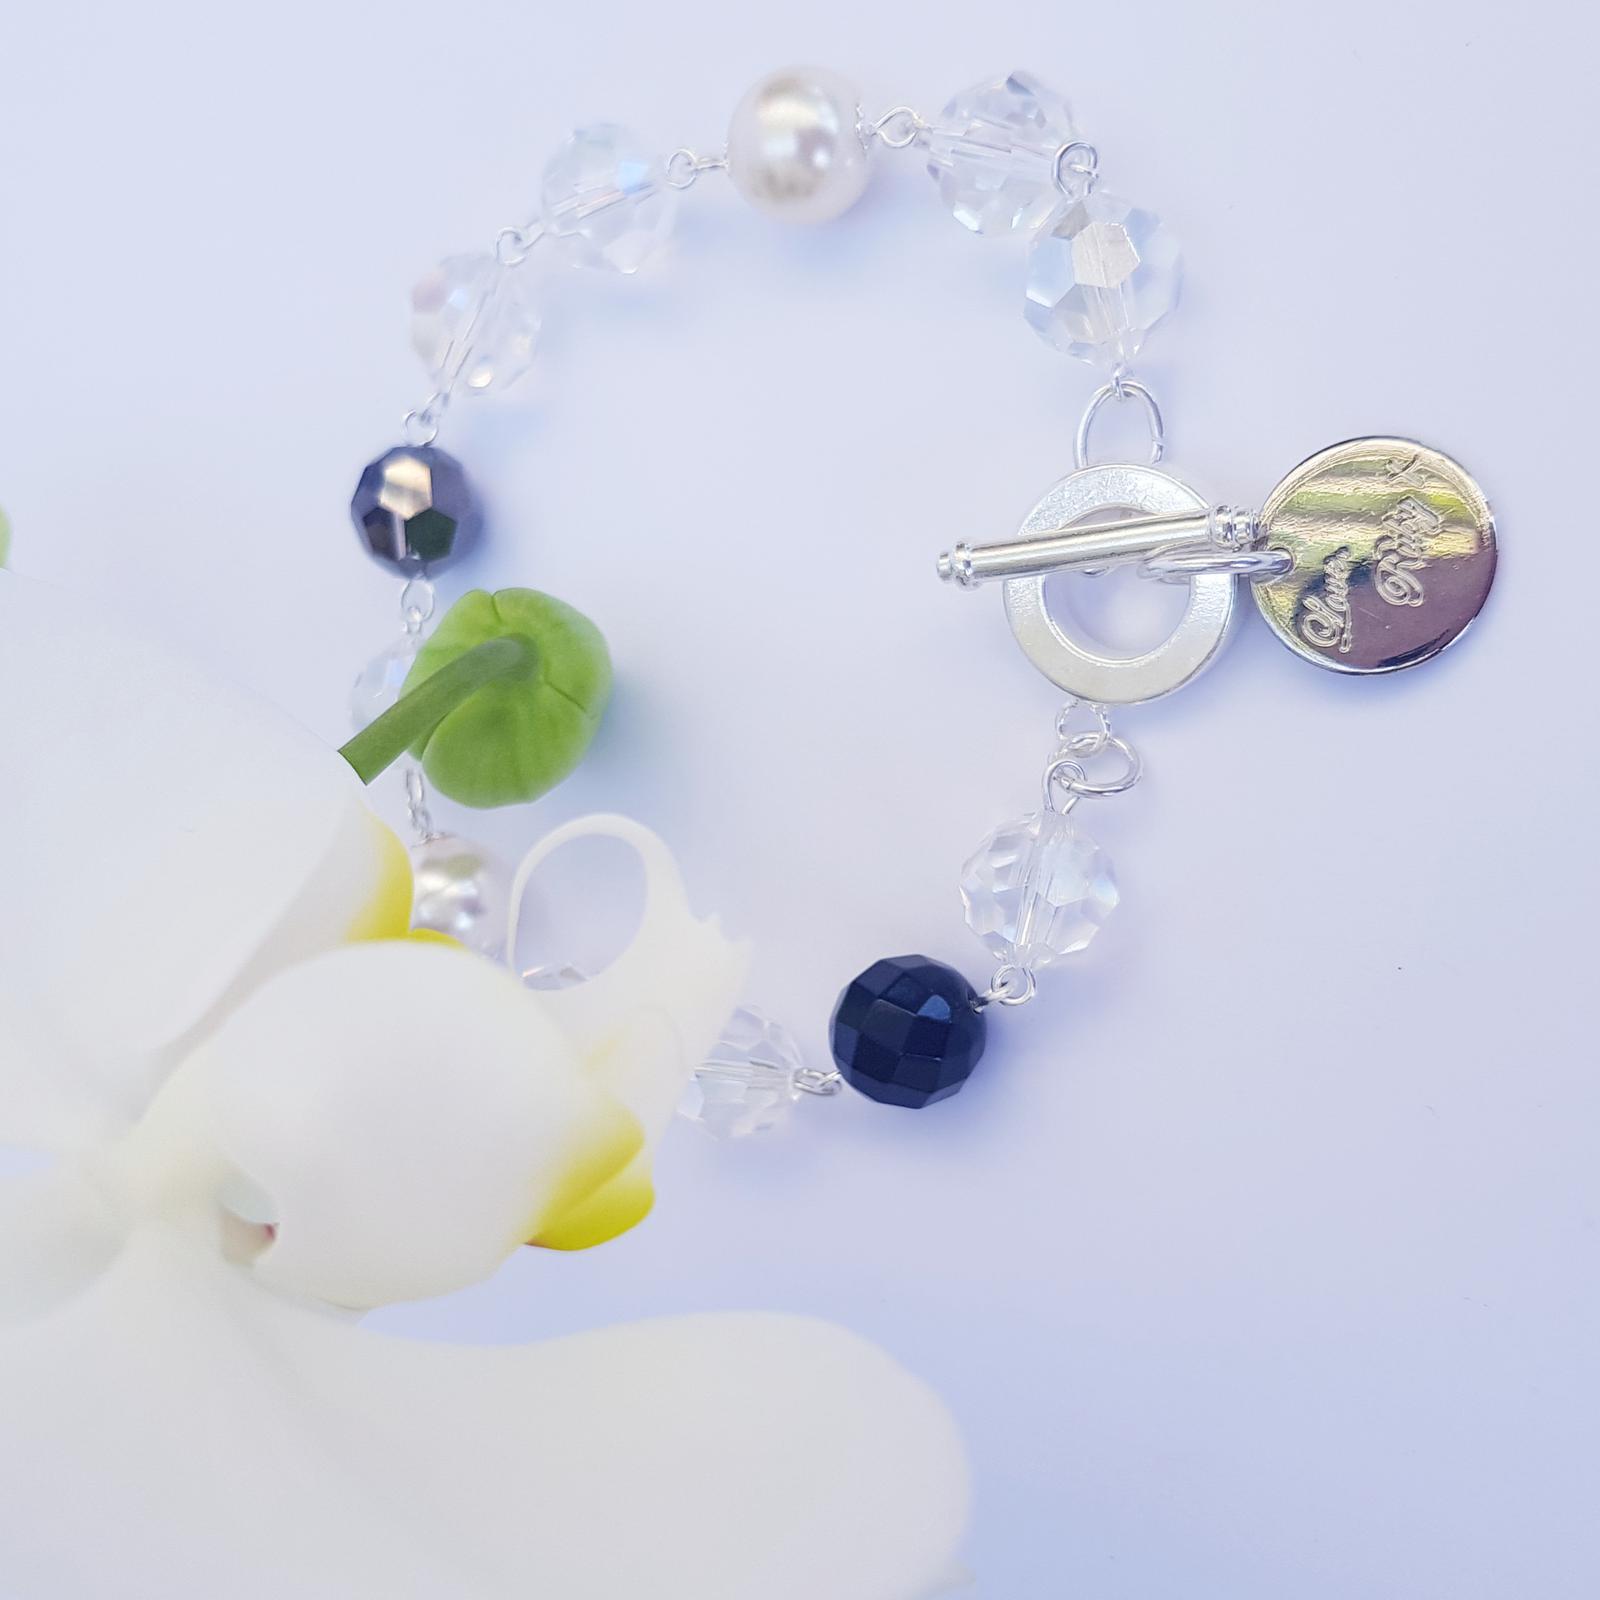 Moonlight - Swarovski crystals, Swarovski pearls, and onyx